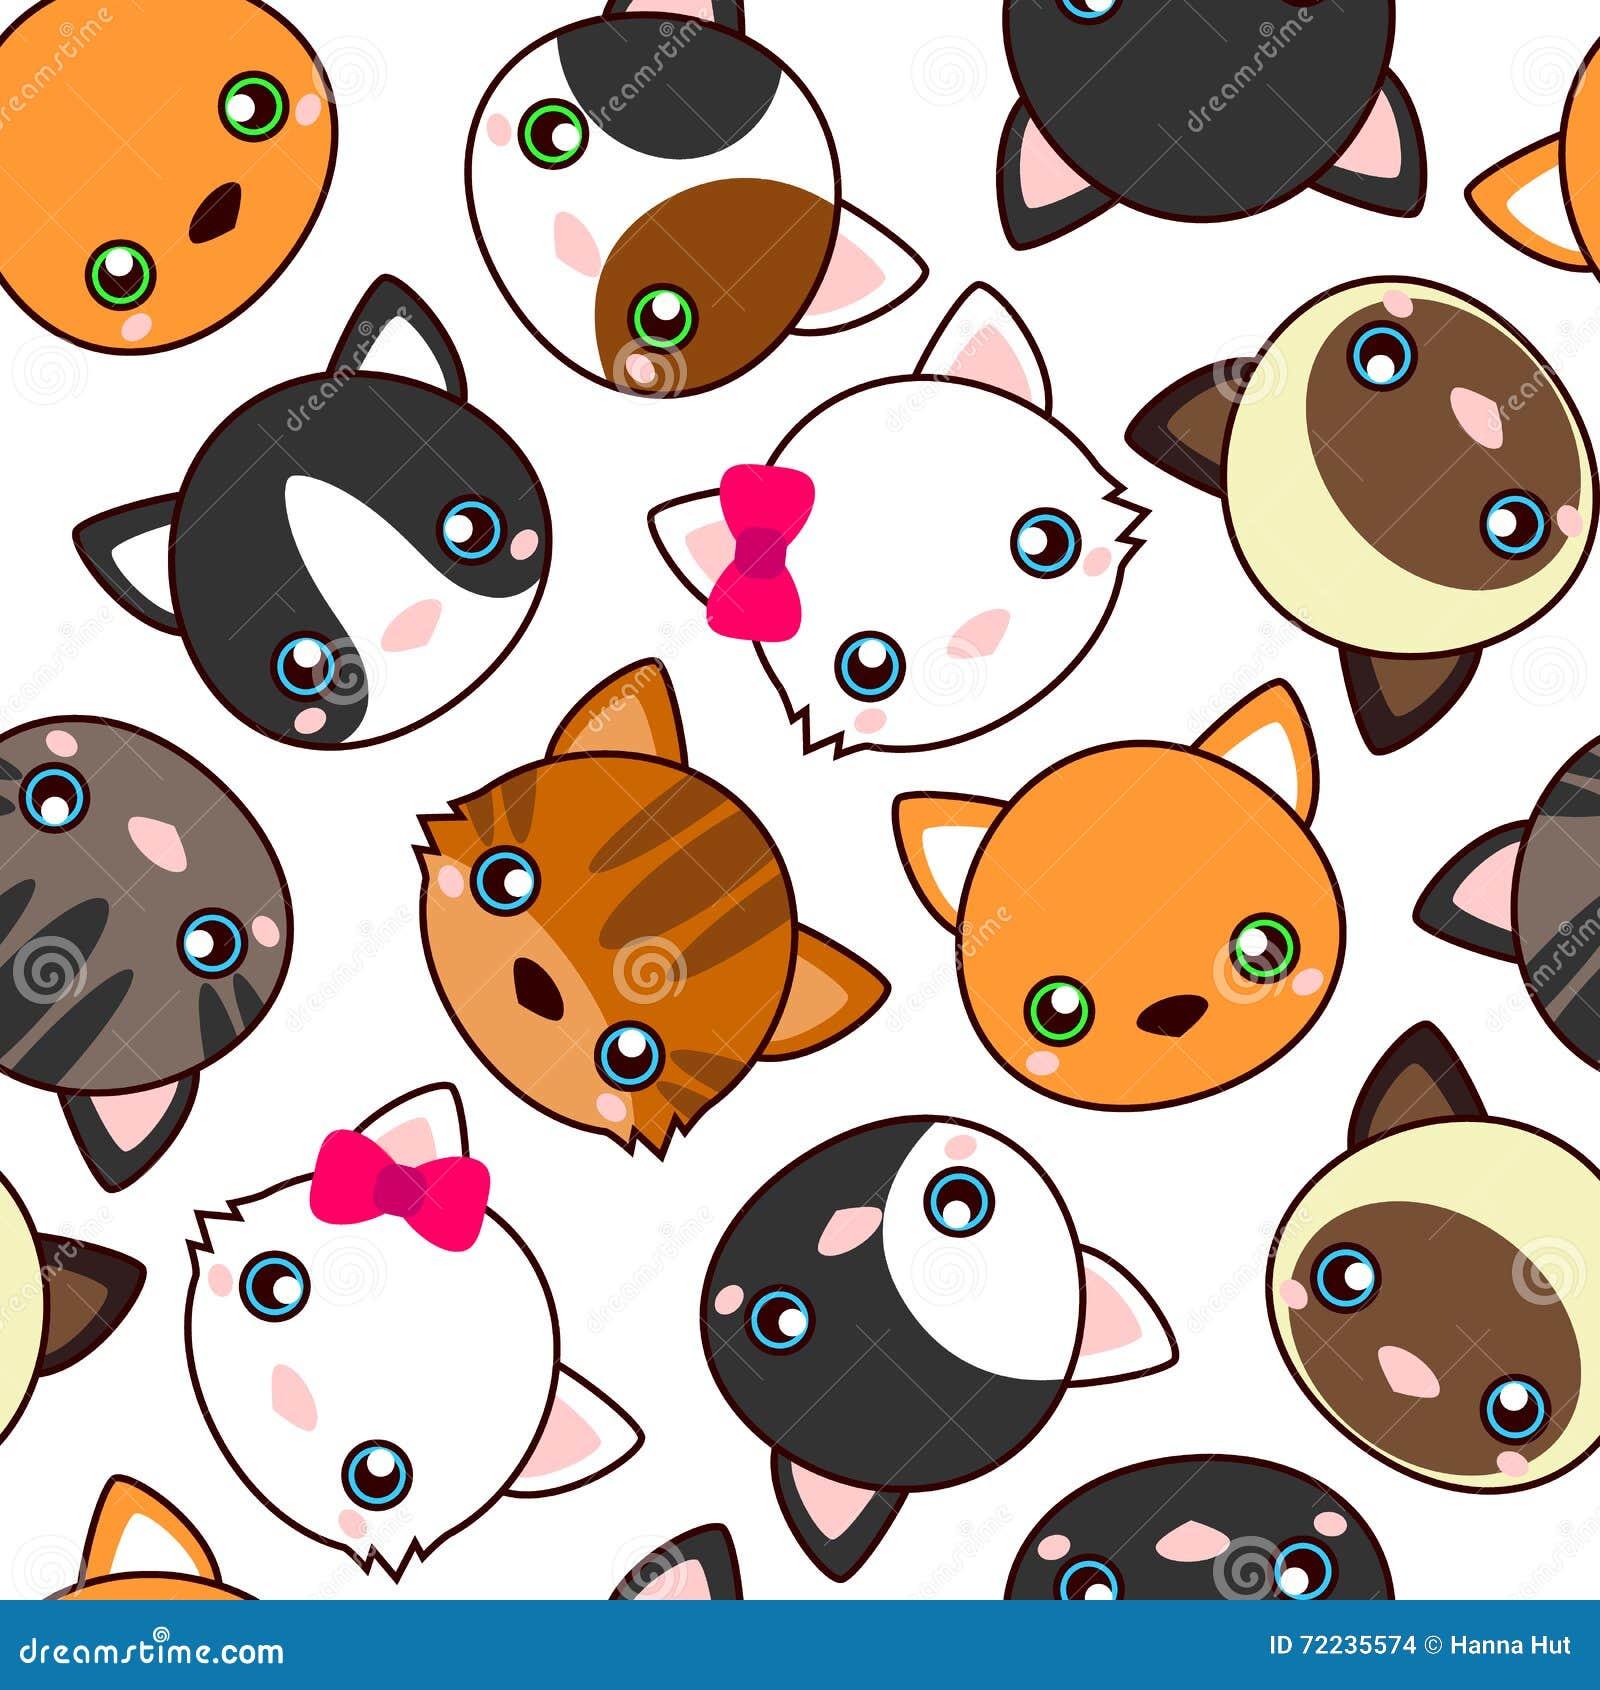 Cats. Cartoon vector seamless pattern, wallpaper.